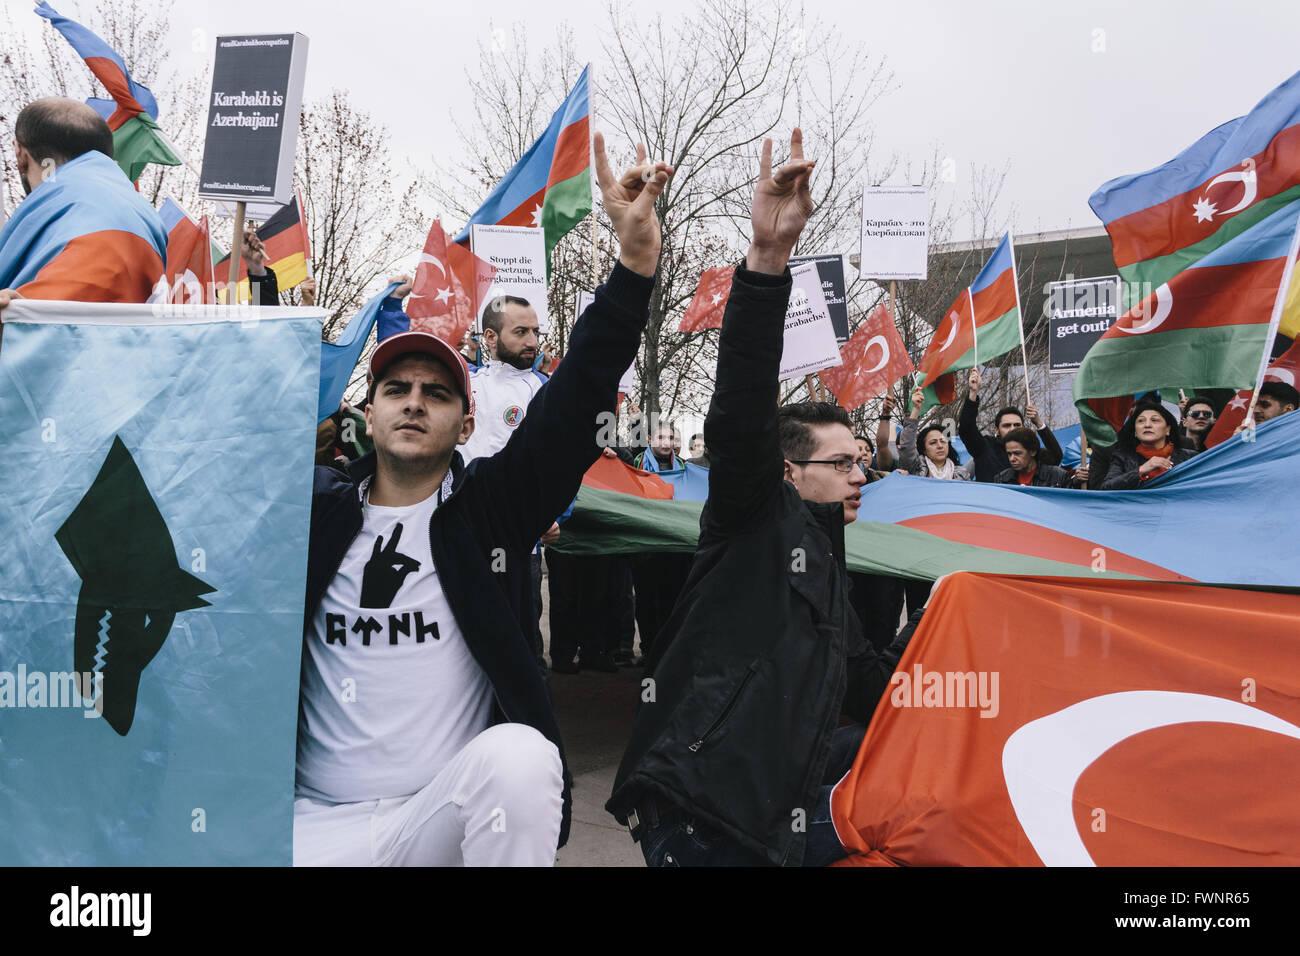 Berlin Berlin Deutschland 6 April 2016 Sympathisanten Von Den Grauen Wolfen Zeigen Ihre Anrede Wahrend Der Demonstration Der Aserbaidschanischen Und Turkischen Demonstranten Gegen Die Armenischen Prasidenten Serzh Sargsyan Vor Dem Bundeskanzleramt In